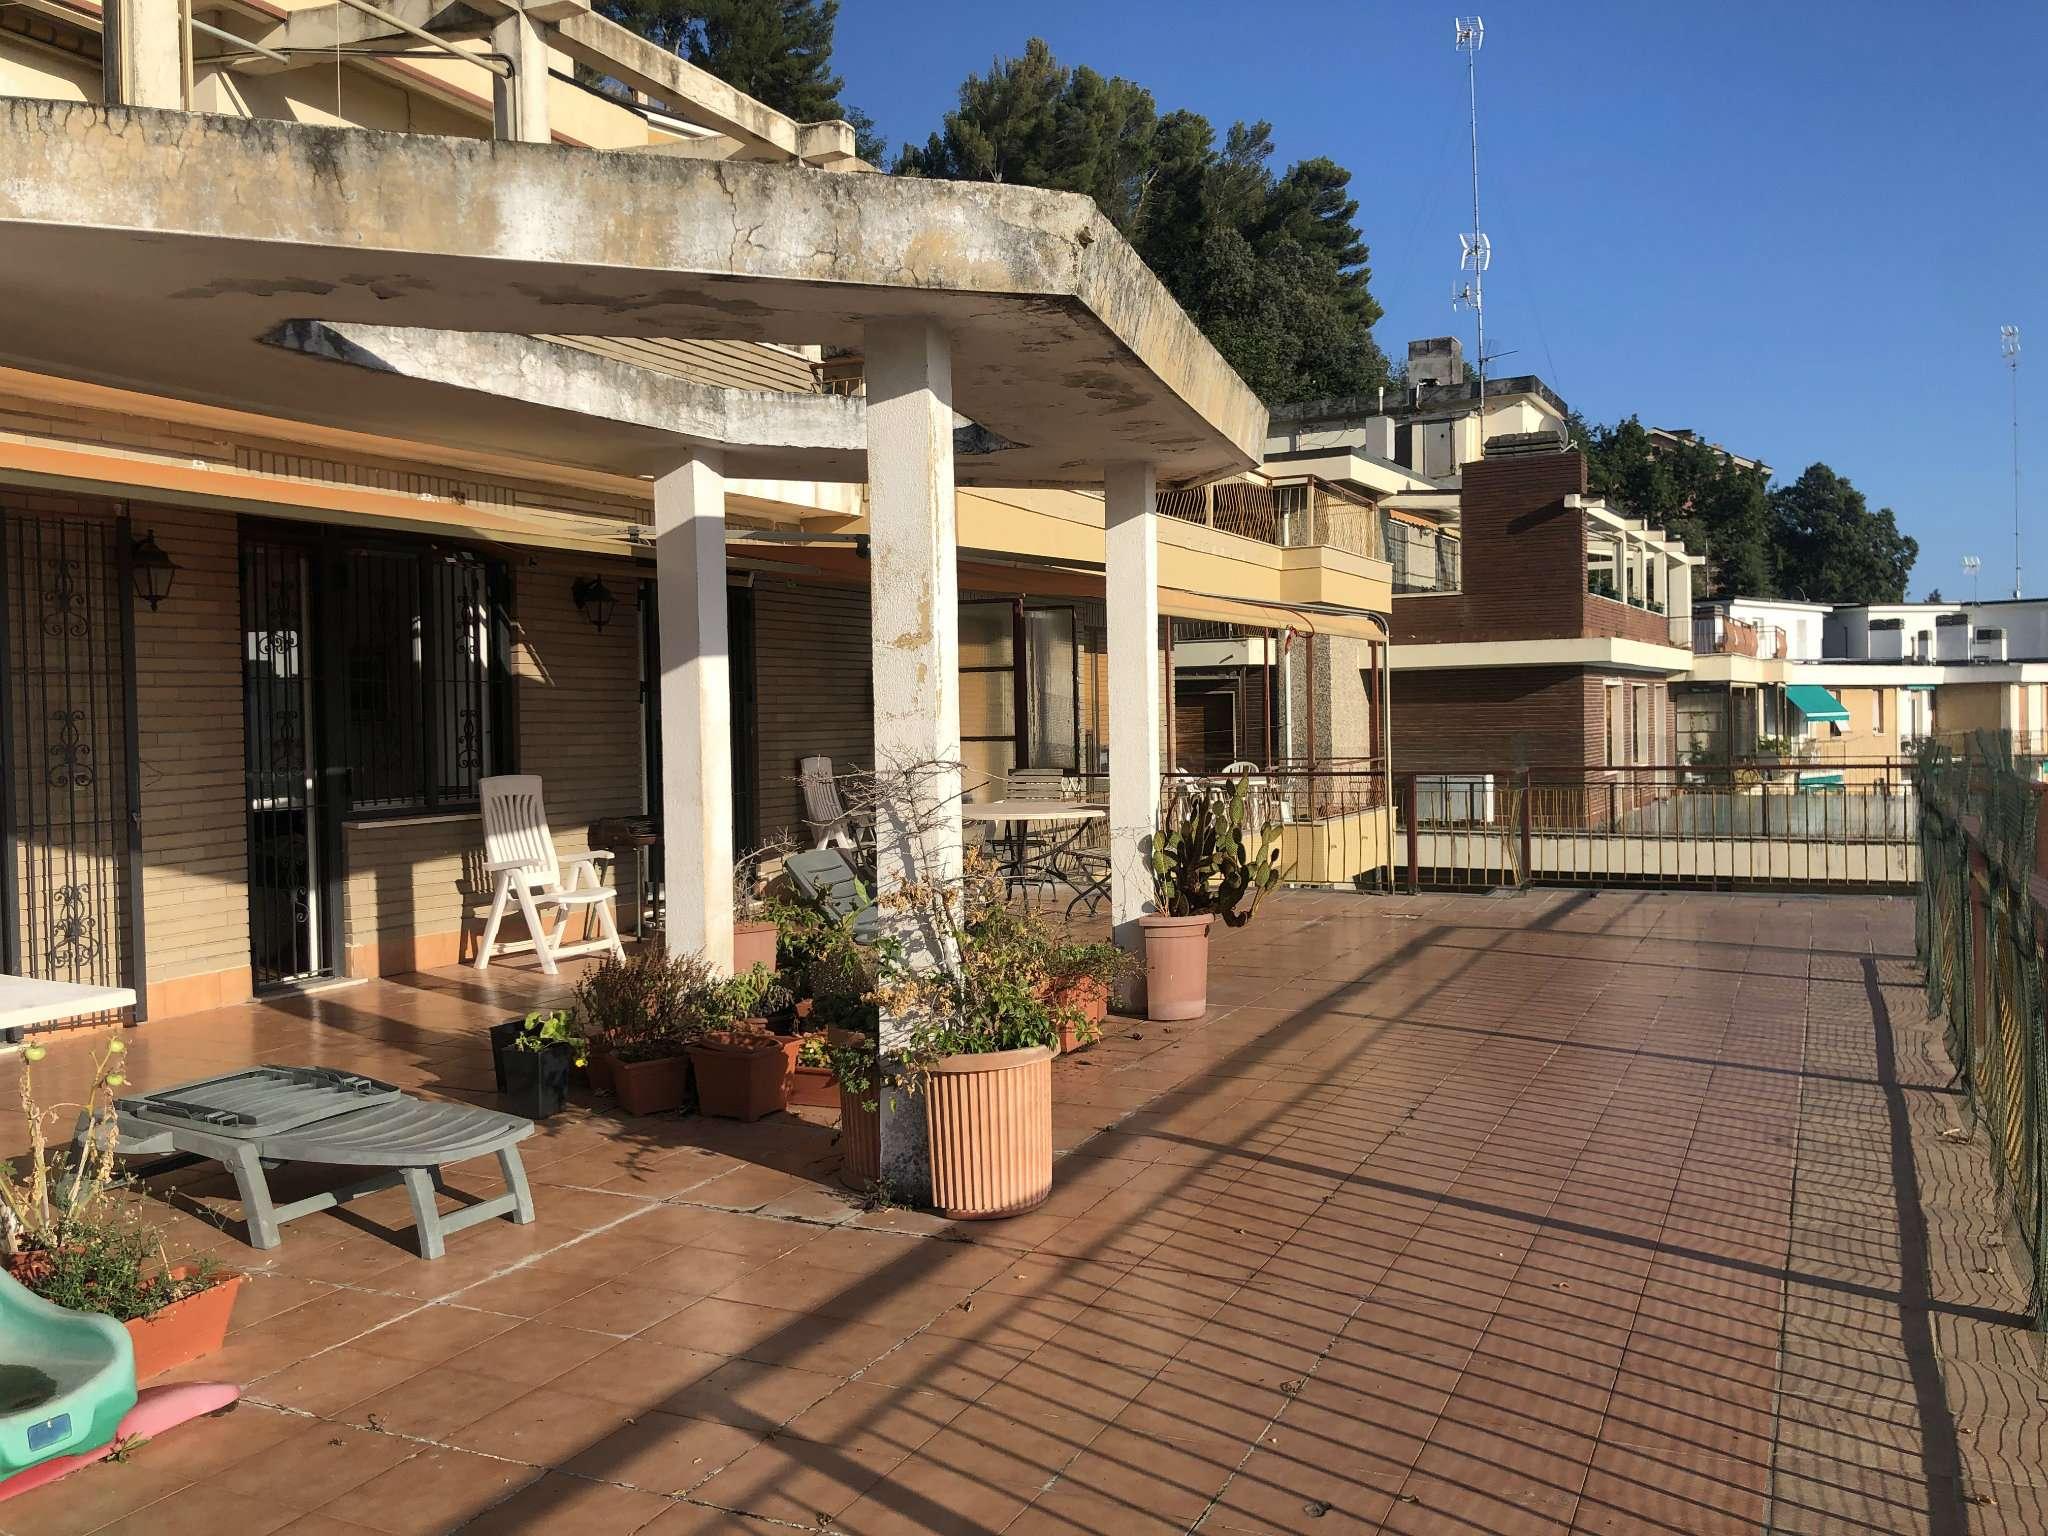 Attico / Mansarda in vendita a Genova, 4 locali, zona Pegli, prezzo € 420.000 | PortaleAgenzieImmobiliari.it